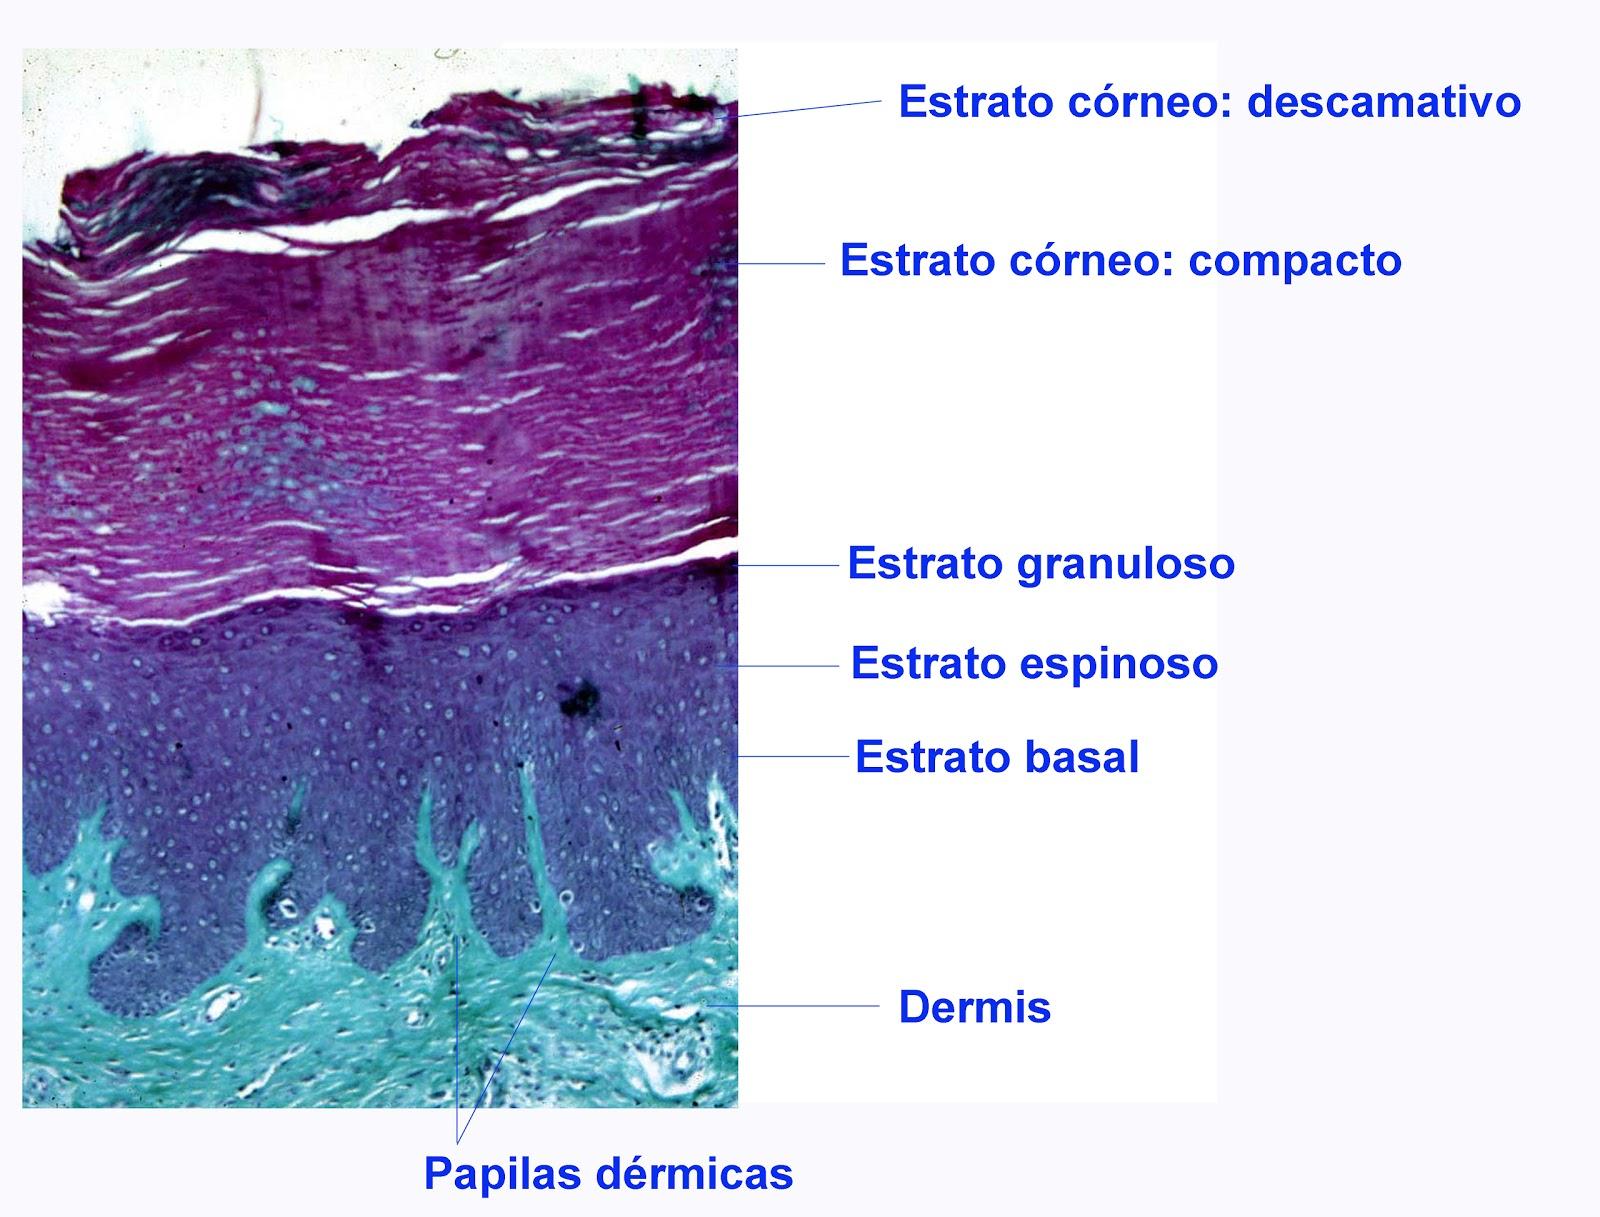 el moderno prometeo: Fisiología y desarrollo de la epidermis.